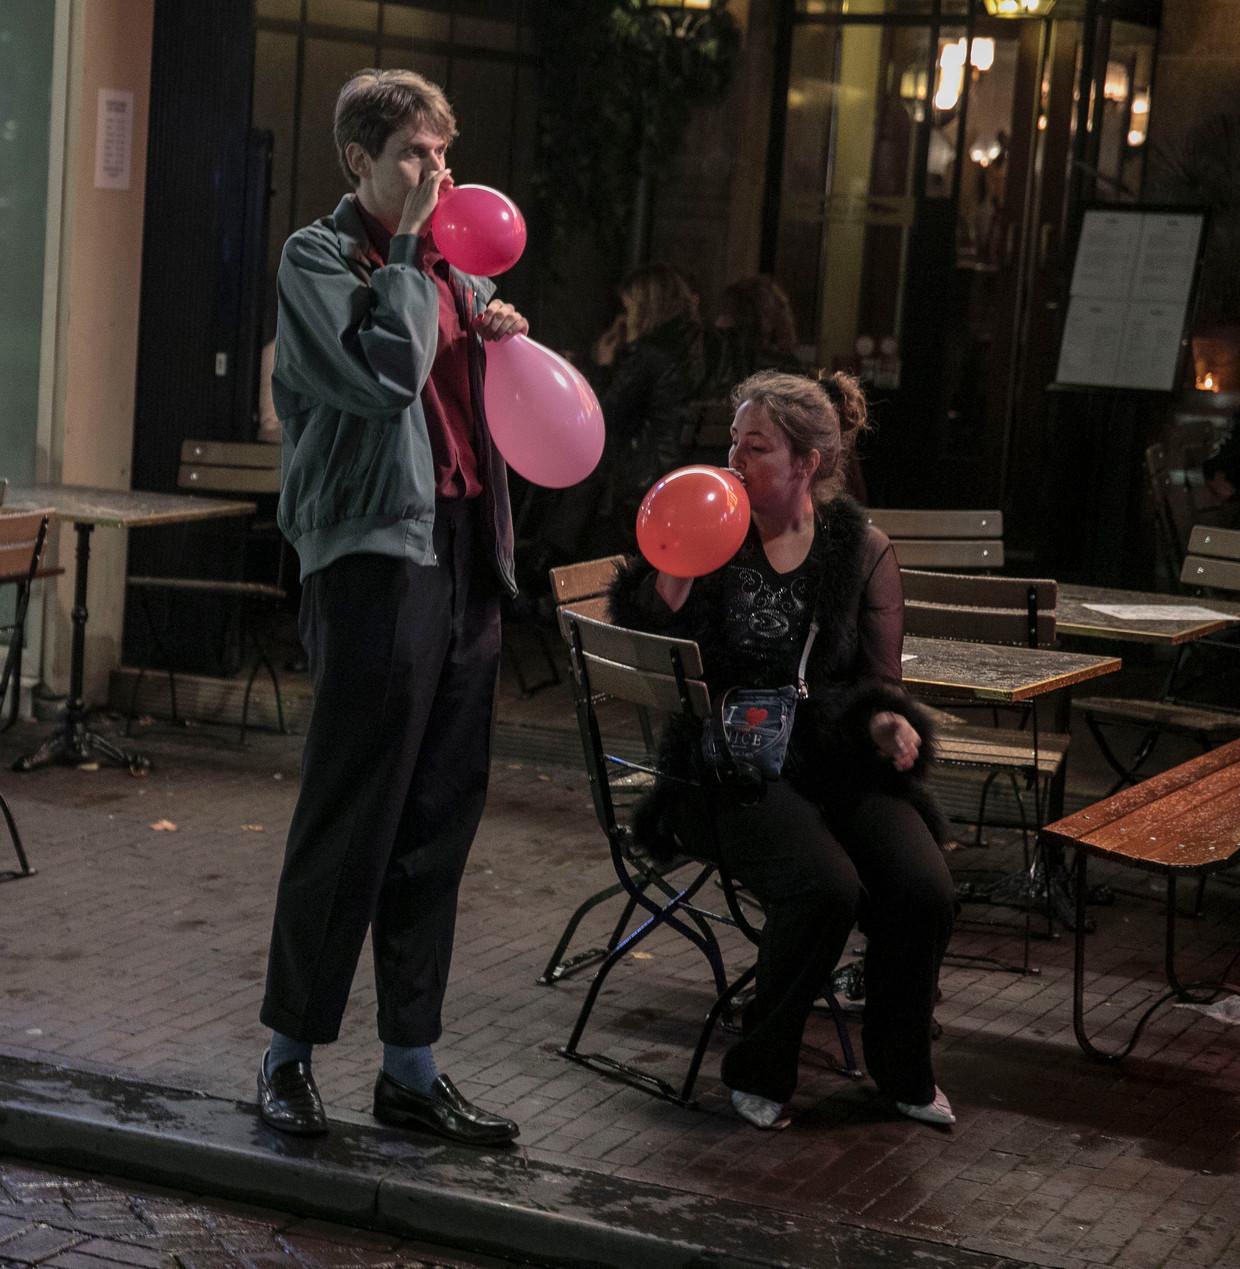 In het centrum van Amsterdam behoort het beeld van aan ballons lurkende lachgasgebruikers sinds dit weekend tot het verleden. Beeld Amaury Miller